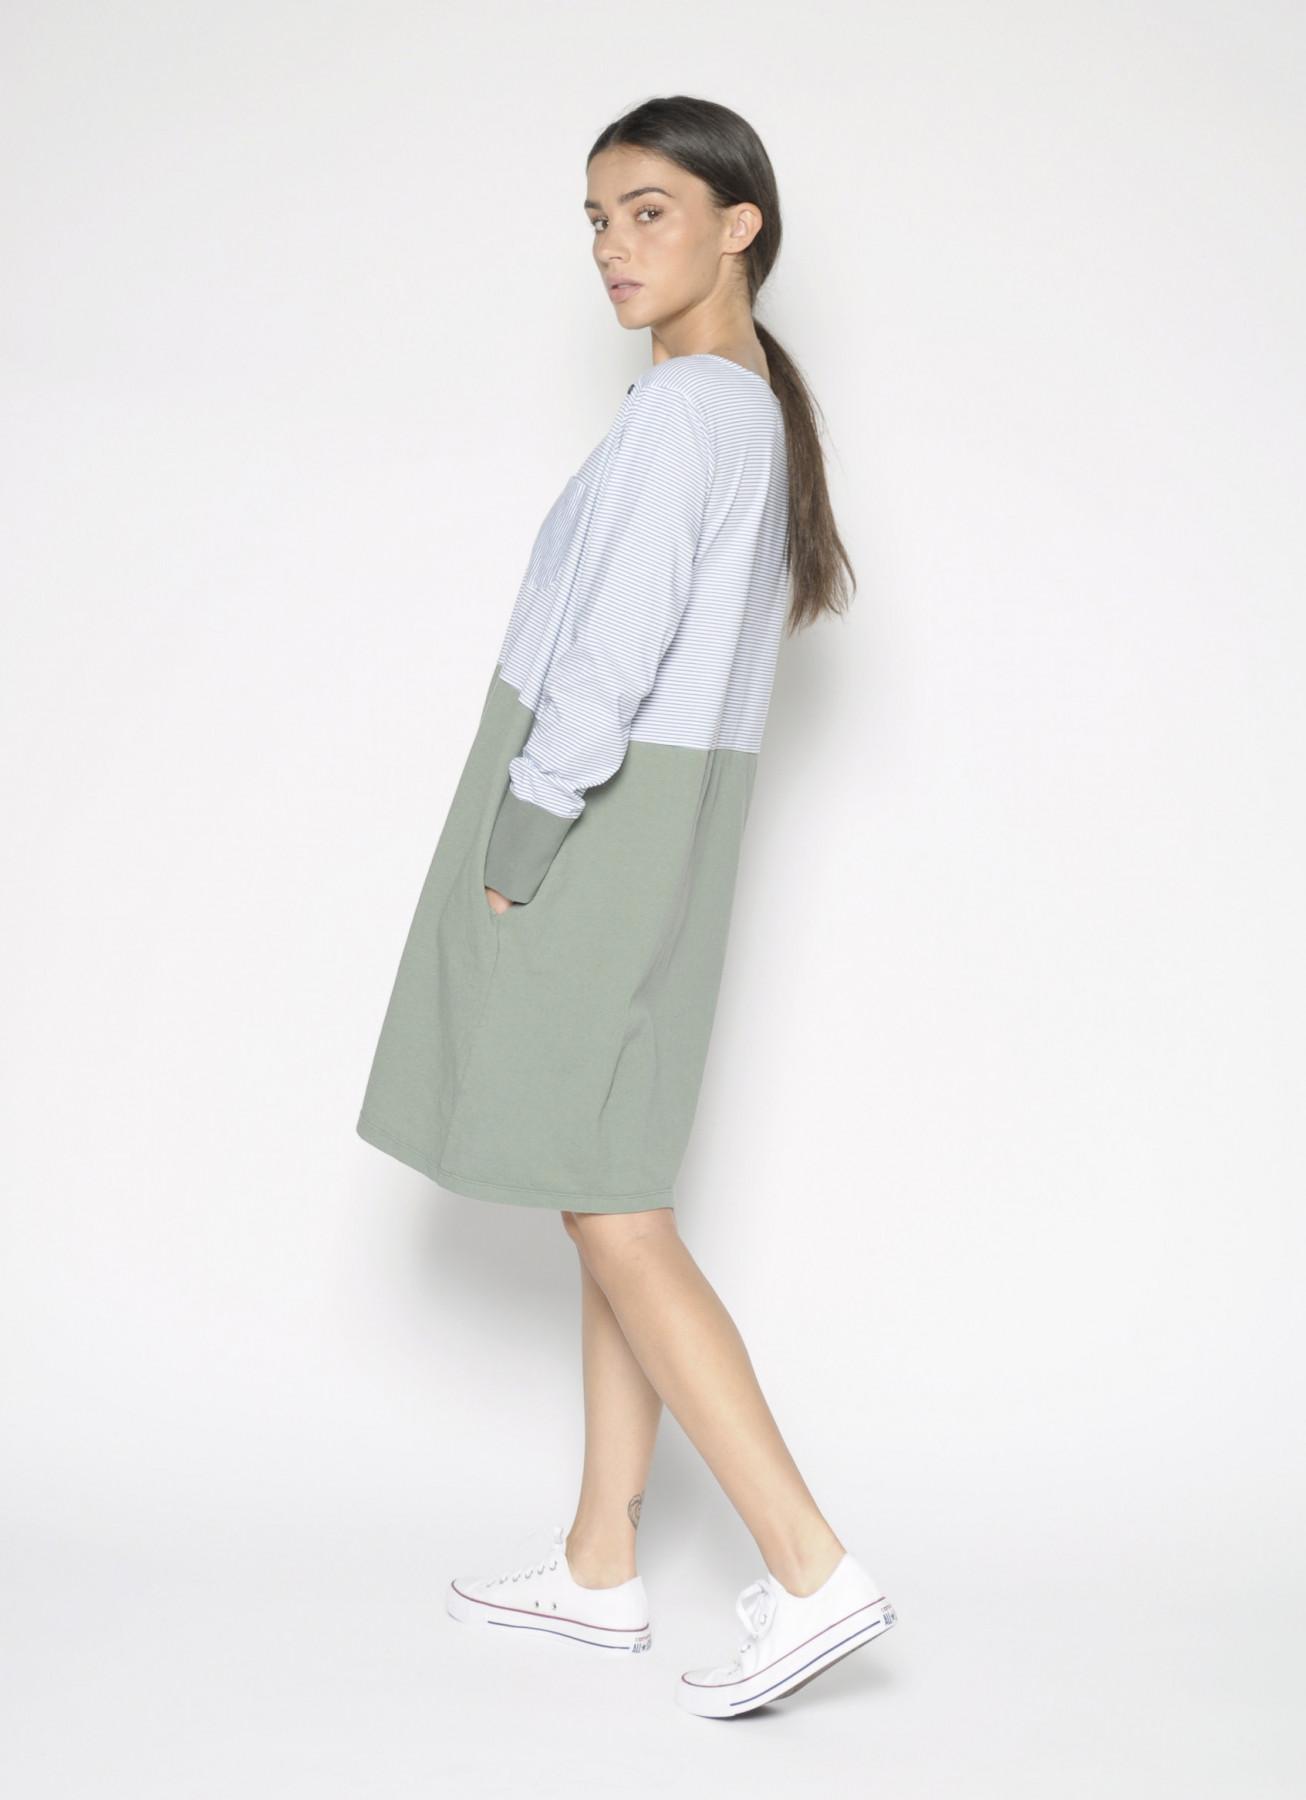 Vestido-Camiseta, con estampado liso y de rayas, algodón, corto, PanProducto